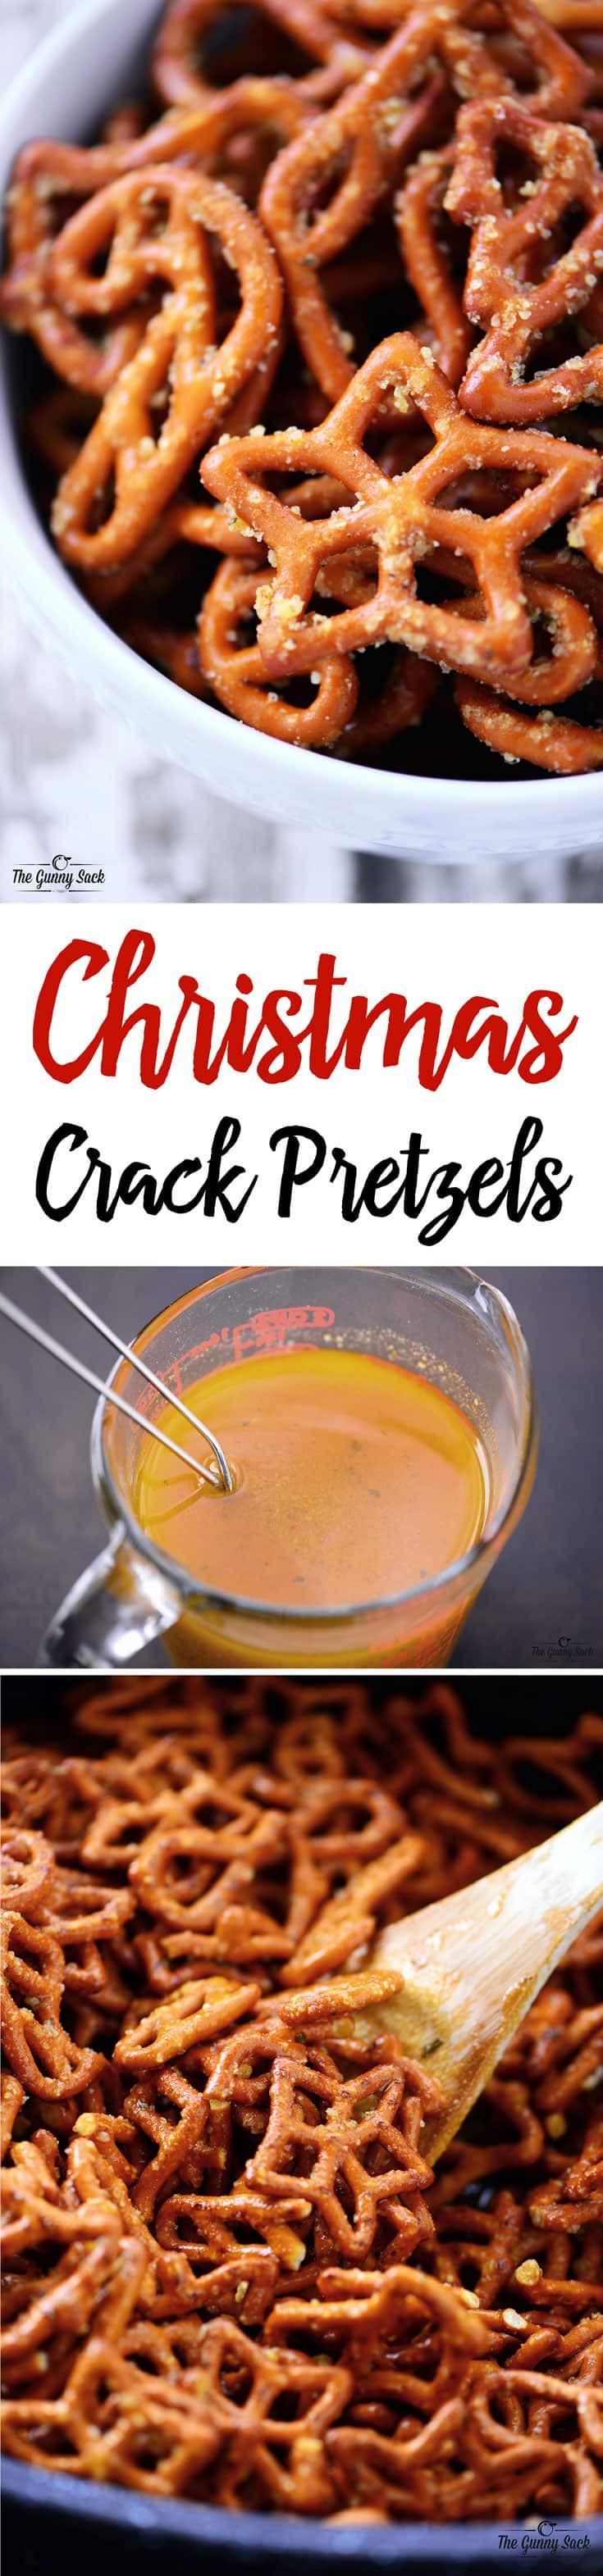 Christmas Crack With Pretzels  Christmas Crack Pretzels Recipe The Gunny Sack